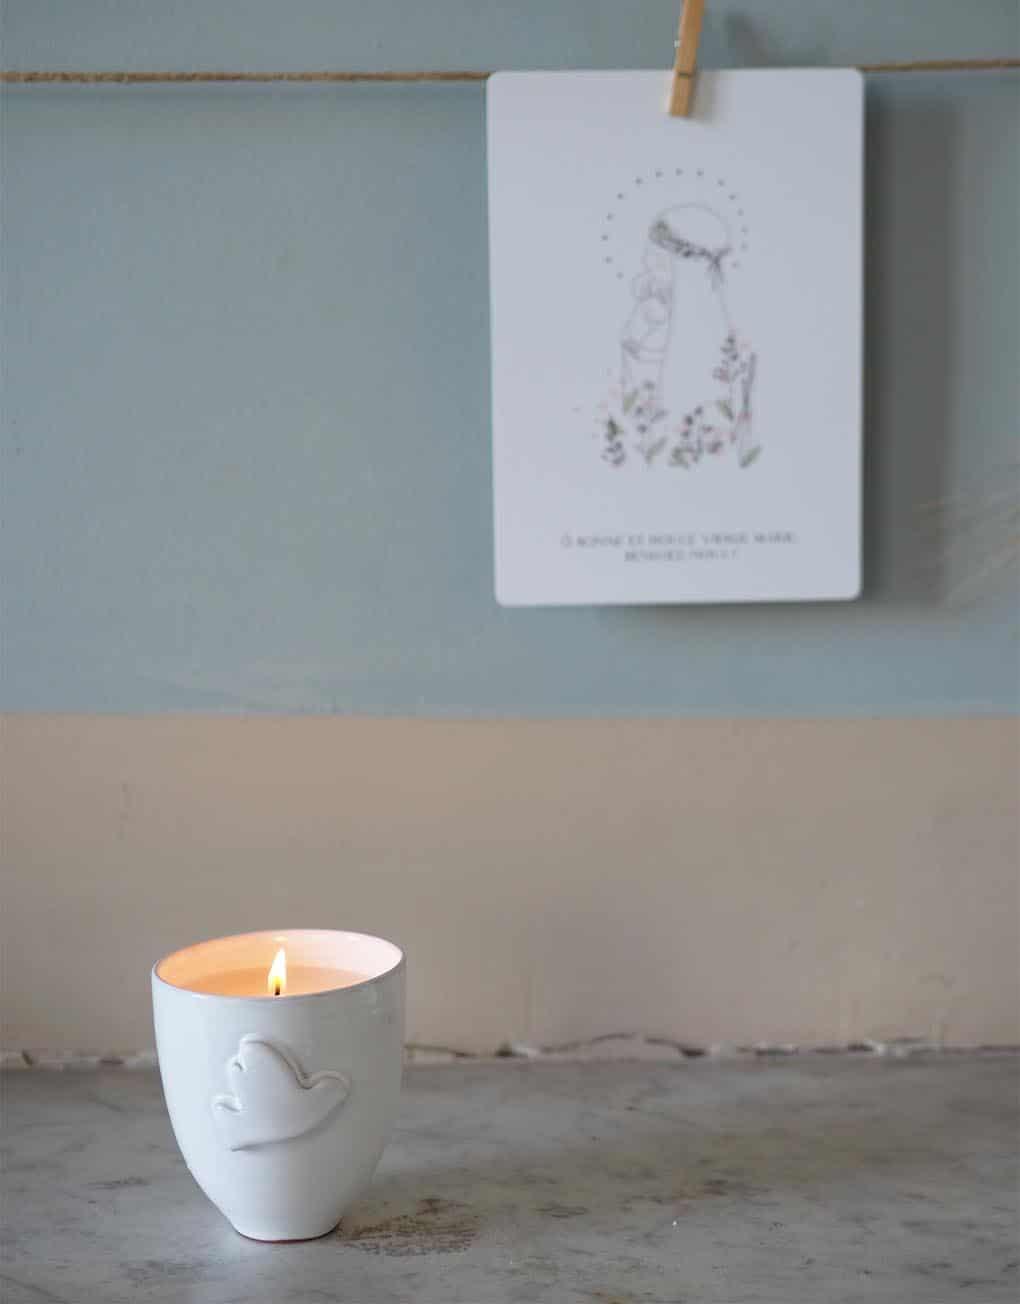 bougie-ecclesia-catho-retro-ceramique-4